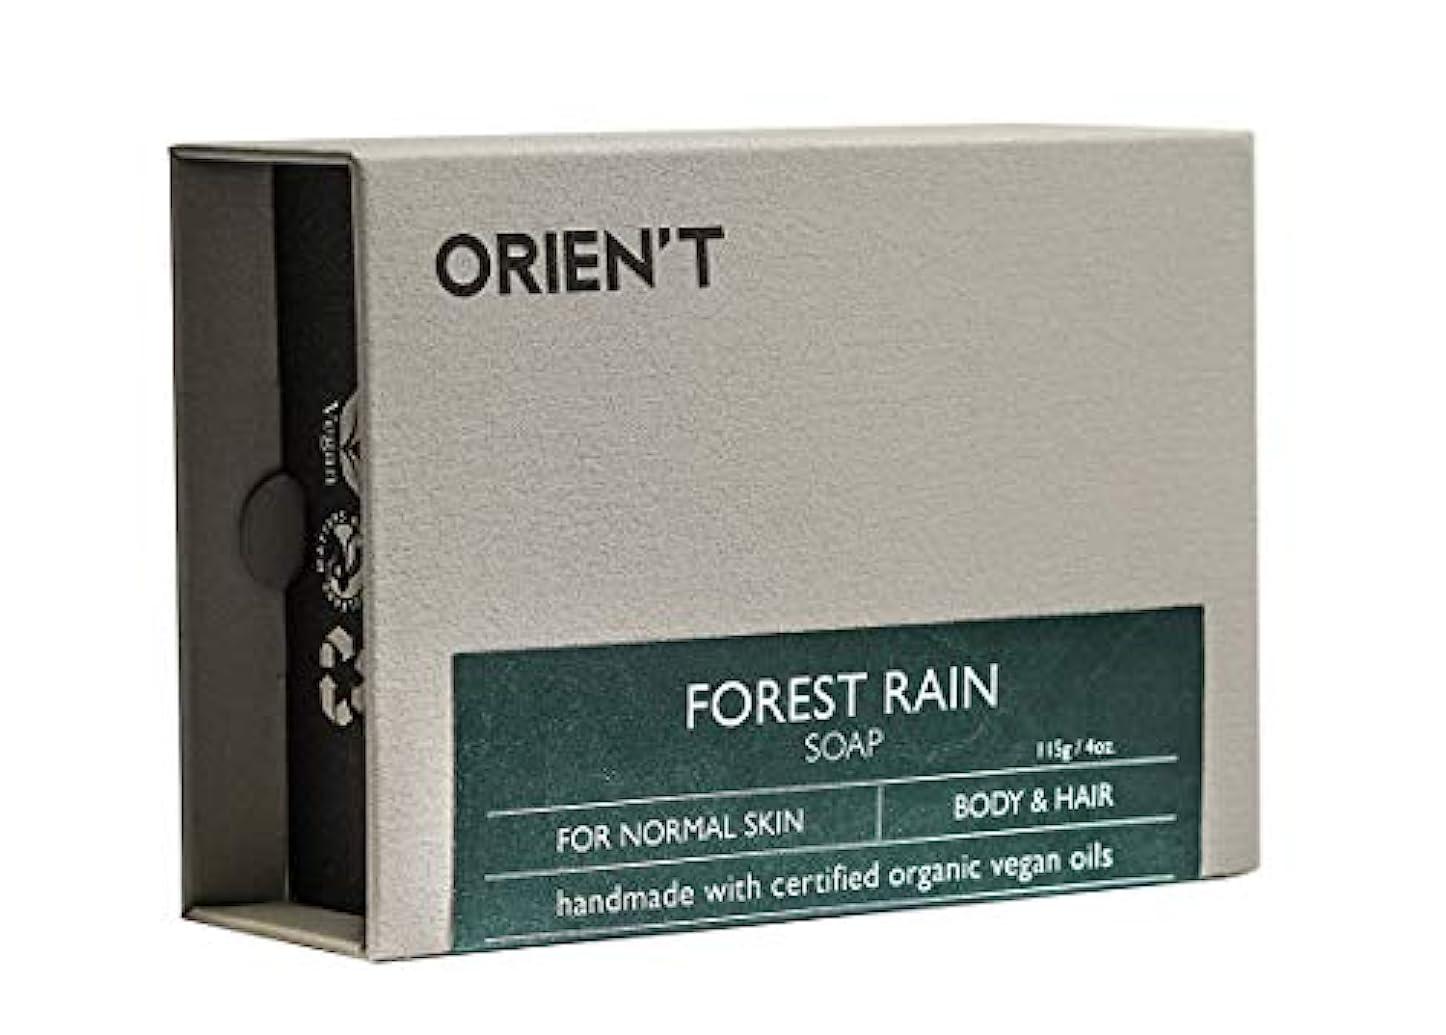 素晴らしさ消費広大な【 ORIEN'T Forest Rain Soap 】「霖」手工皂、ECOCERTオーガニック認定原料